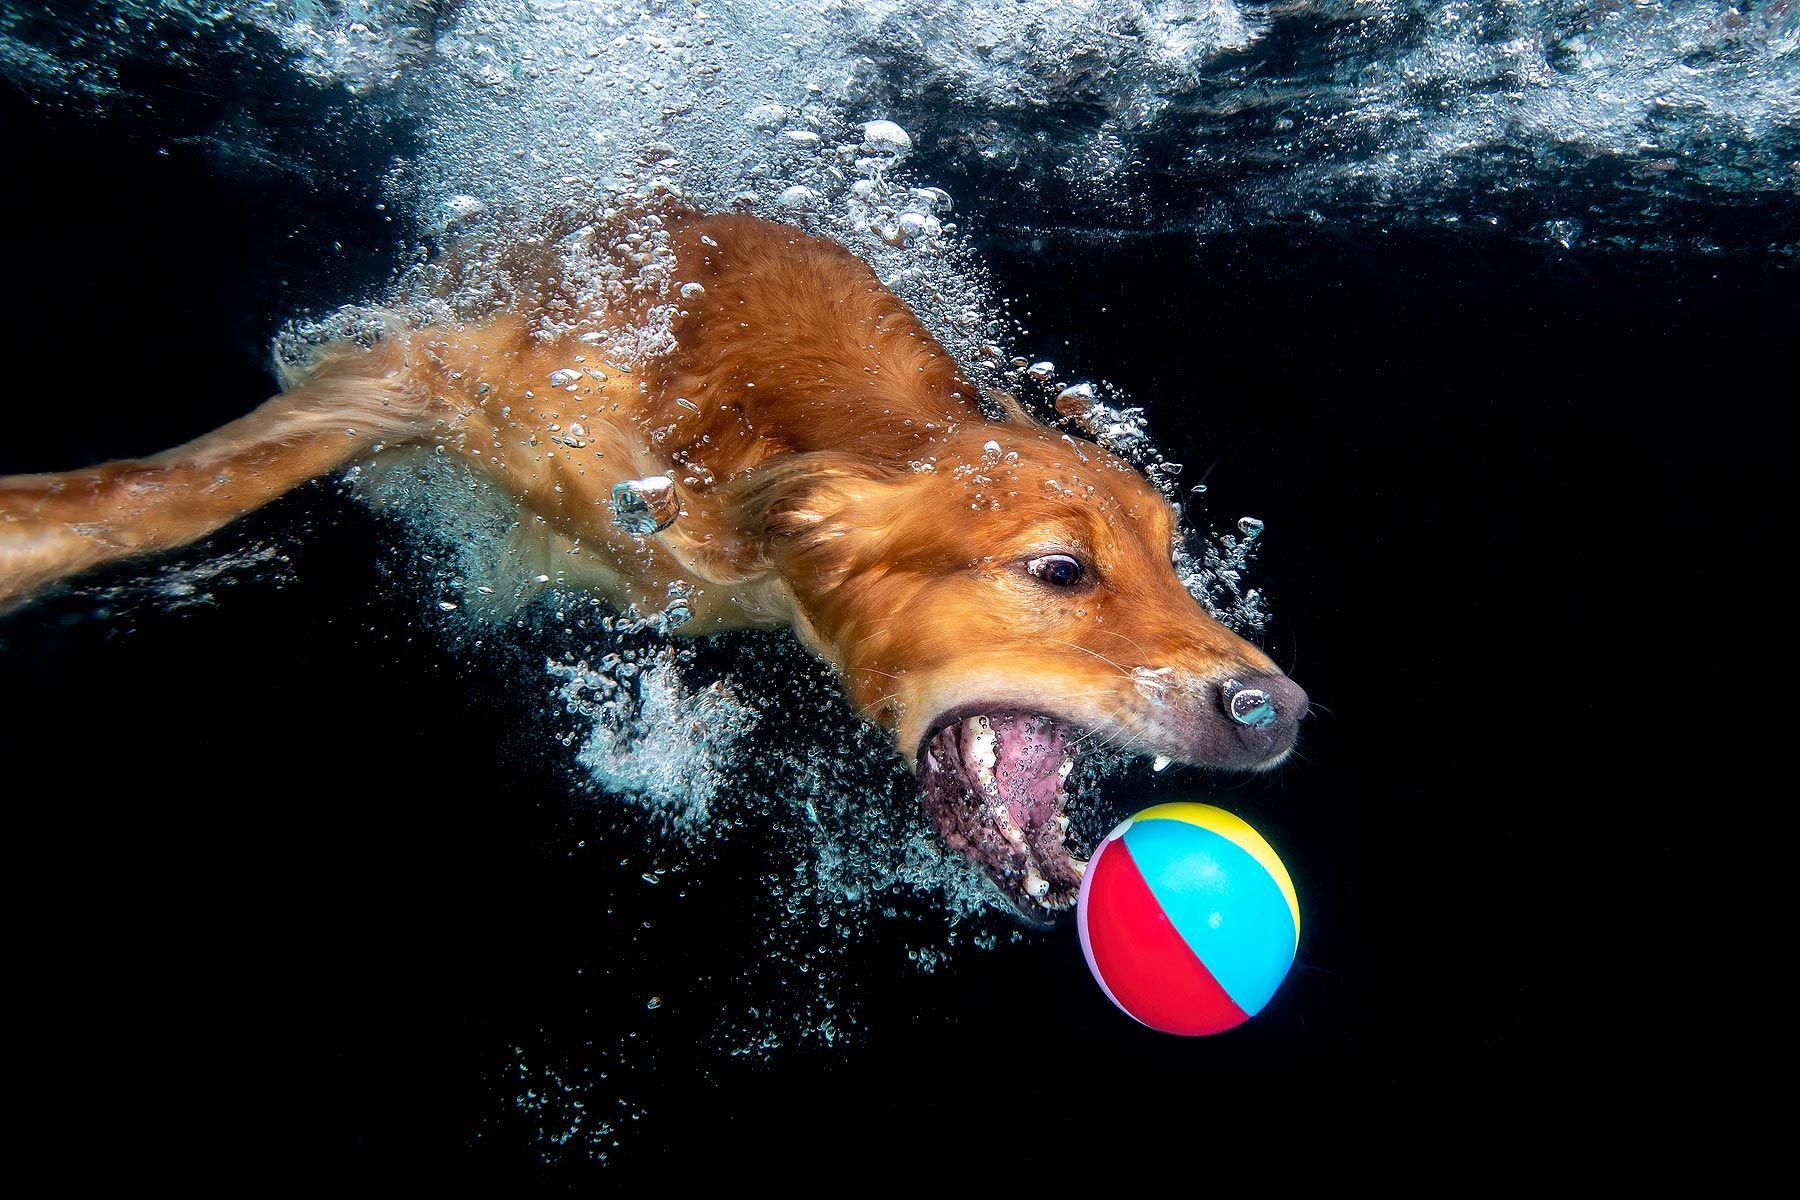 Zevon-with-beach-ball-underwater_83A9233-Dover,-FL,-USA.jpg